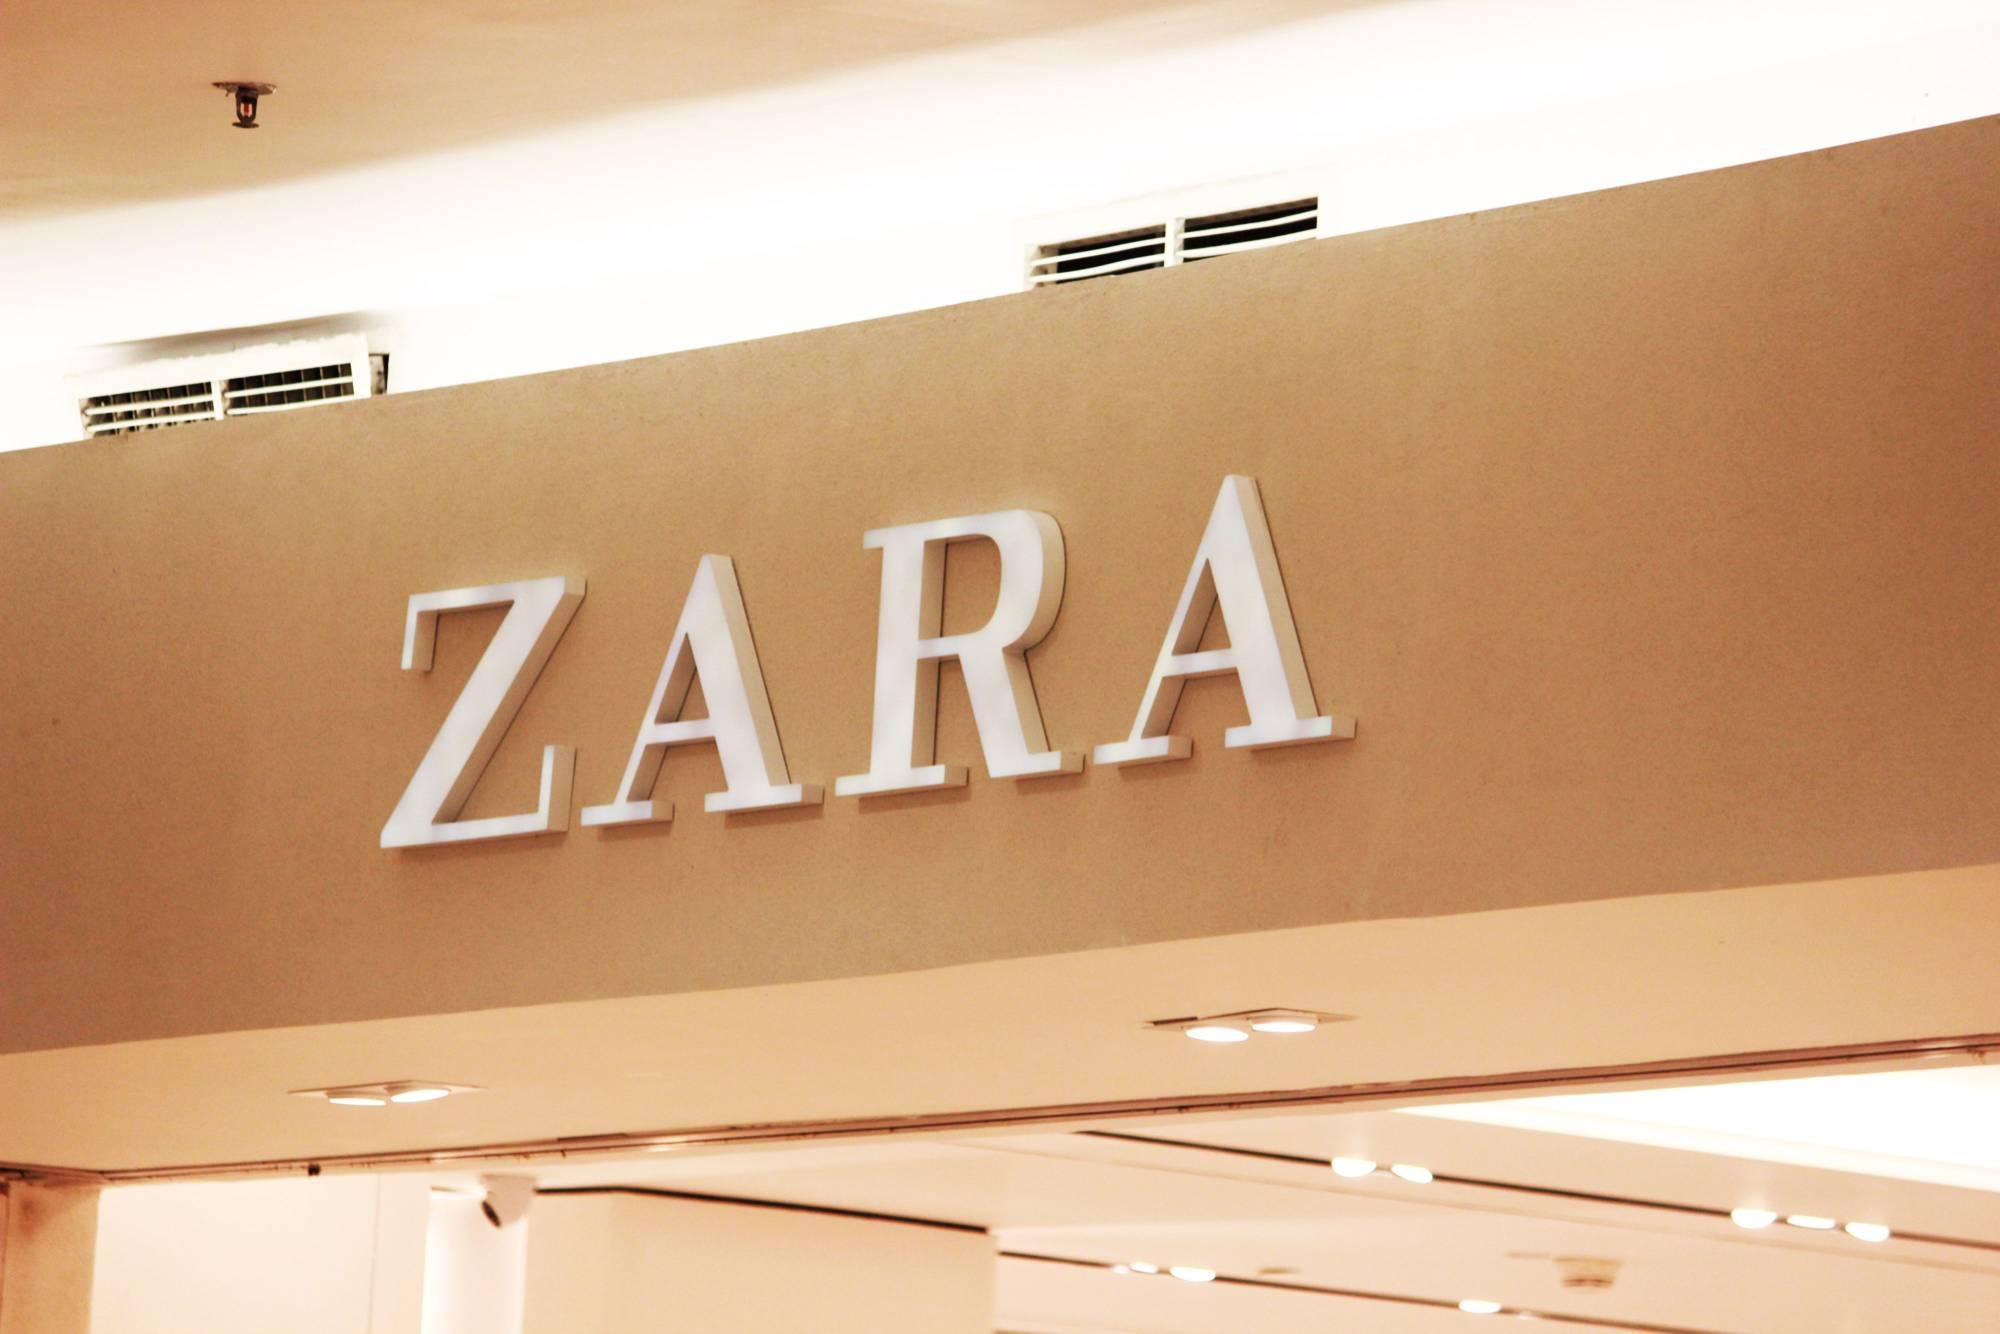 Zara: іспанський бренд, який захопив світ